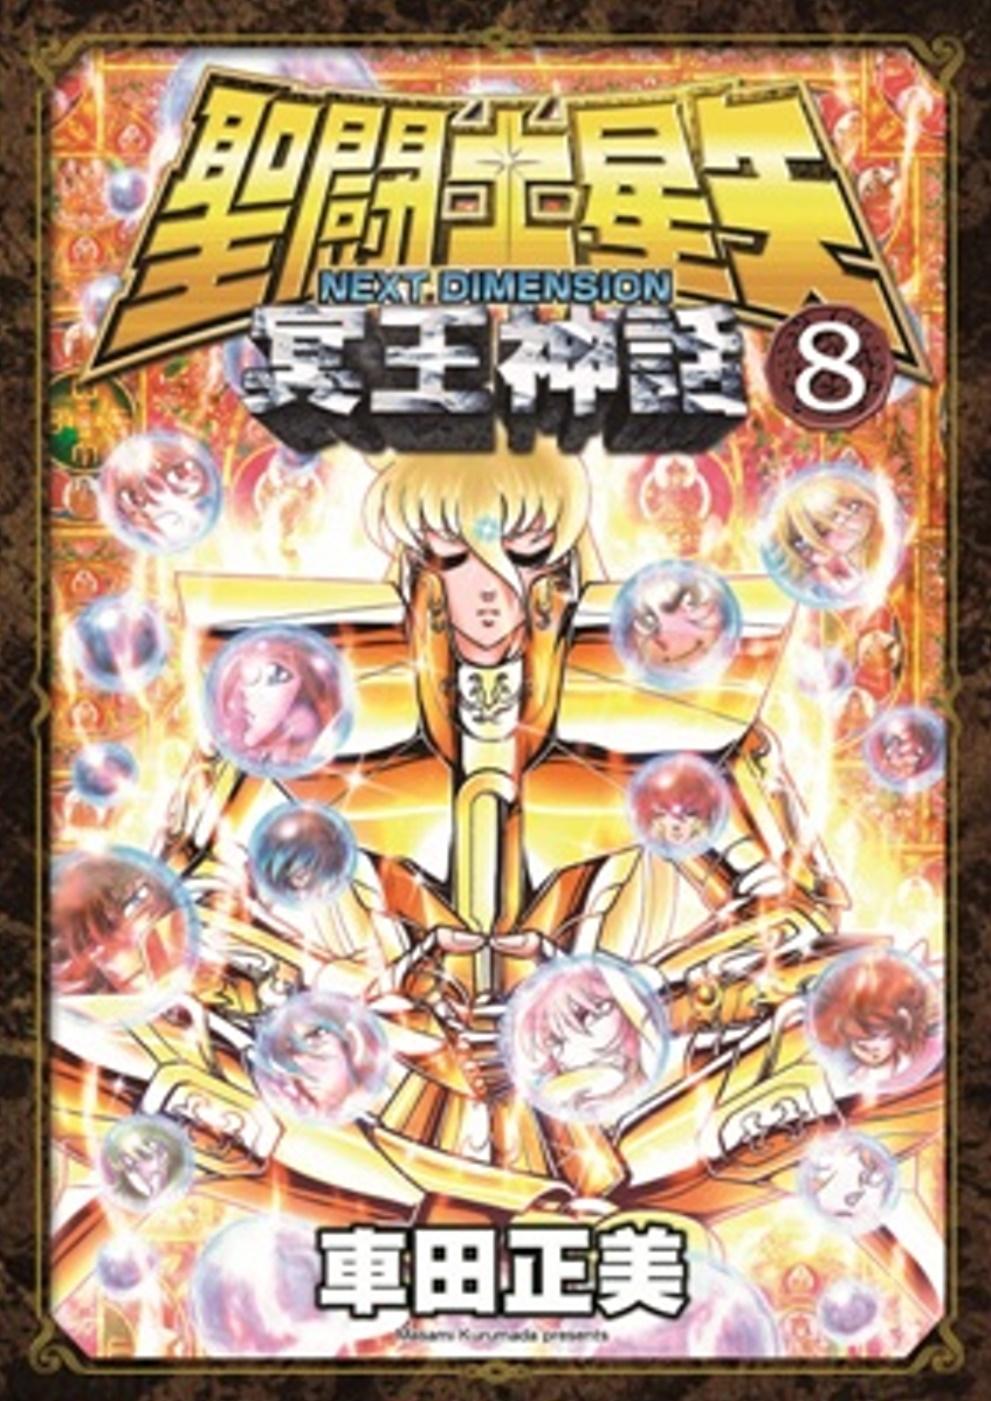 聖?士星矢NEXT DIMENSION冥王神話(08)